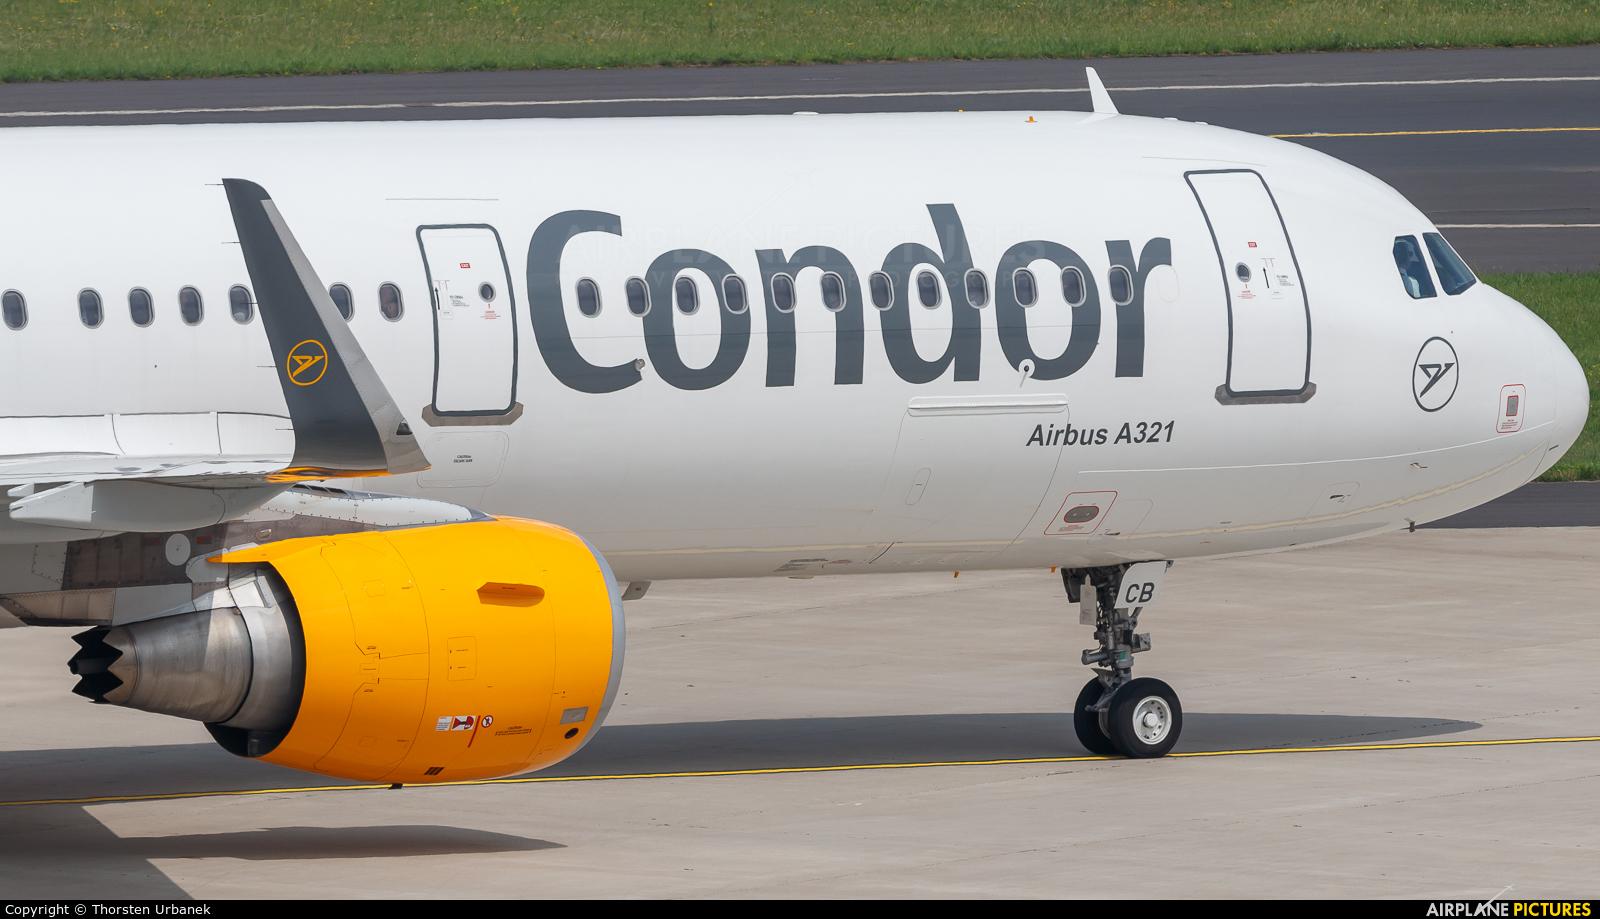 Condor D-ATCB aircraft at Düsseldorf